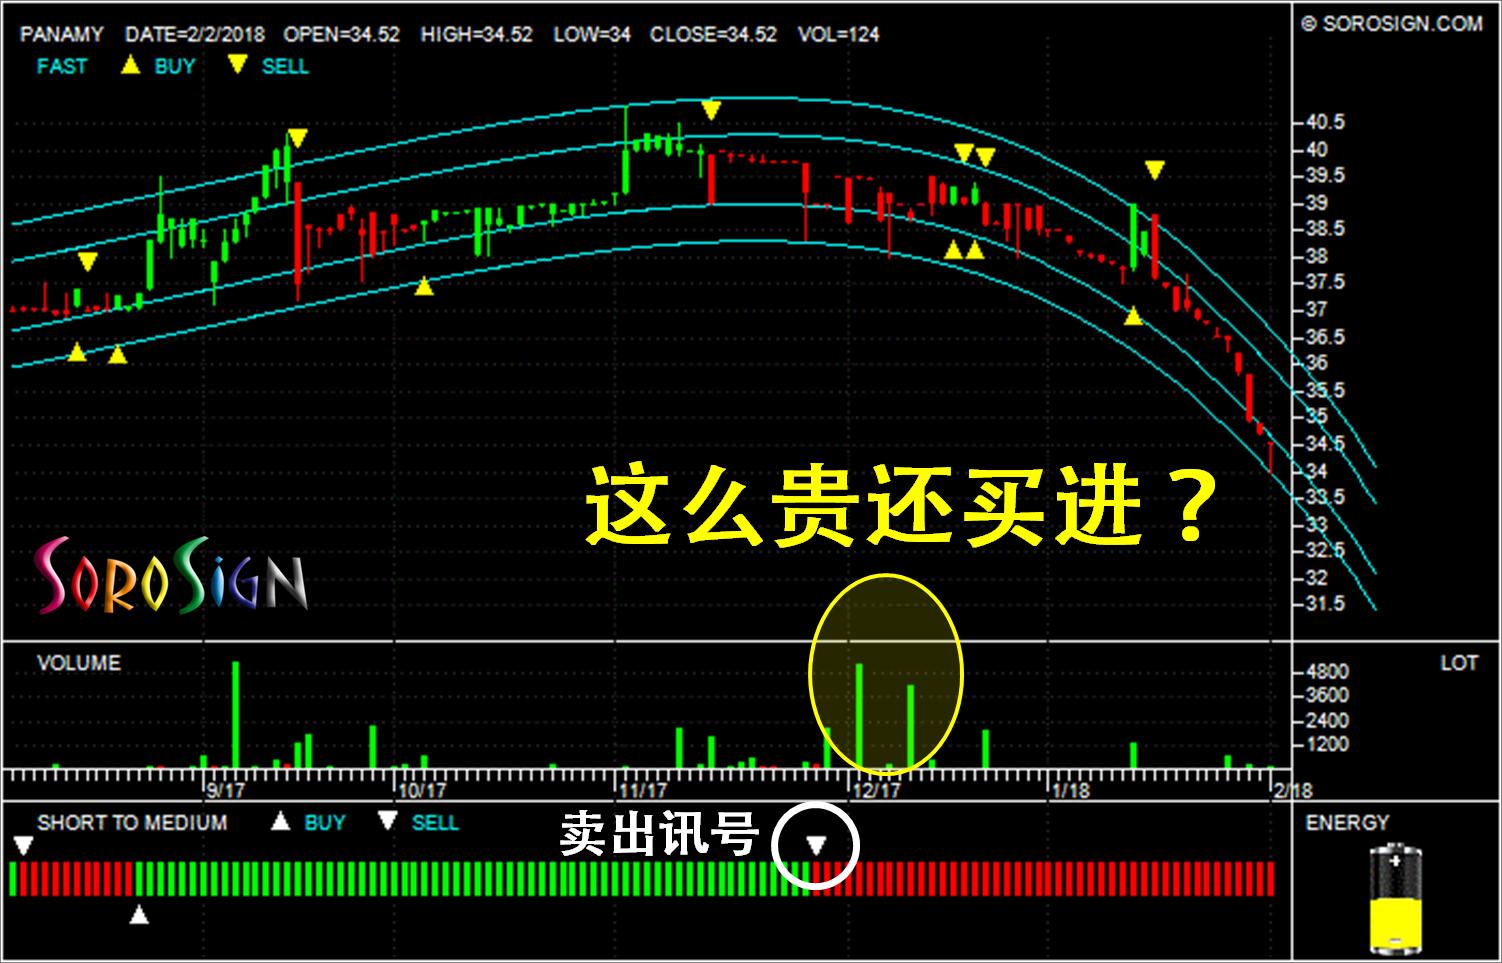 大马股票:松下电器 Panasonic Manufacturing Malaysia Bhd (PANAMY, 3719)